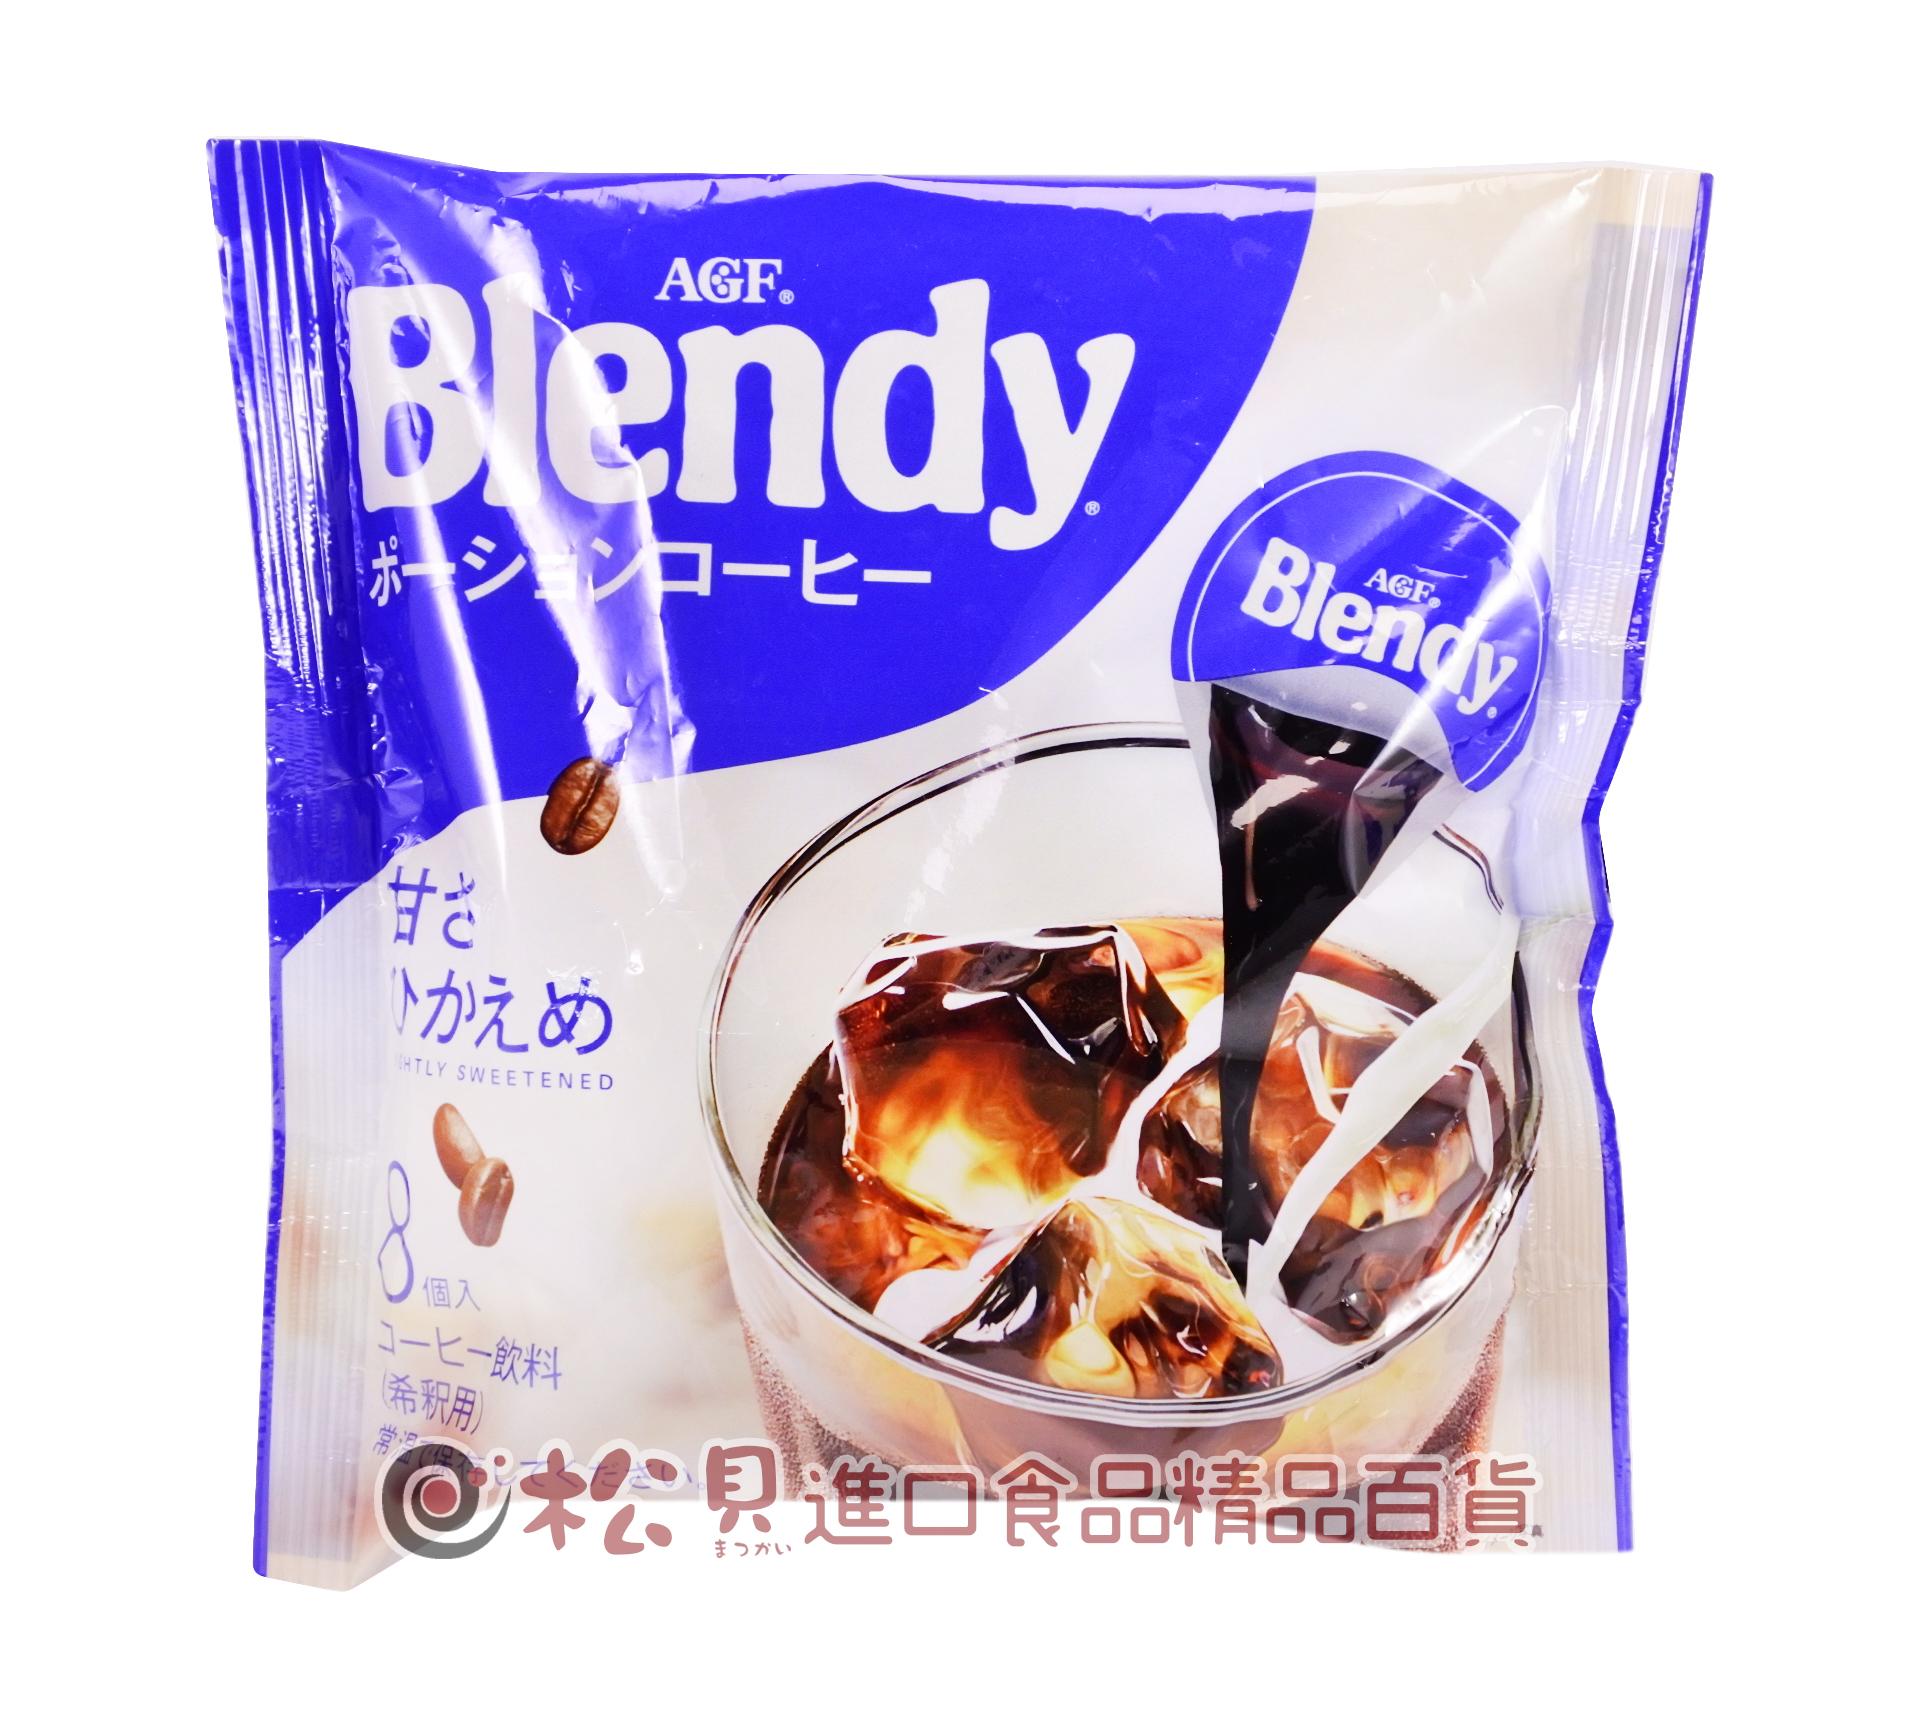 AGF Blendy咖啡球8入(微糖)144g【4901111377752】